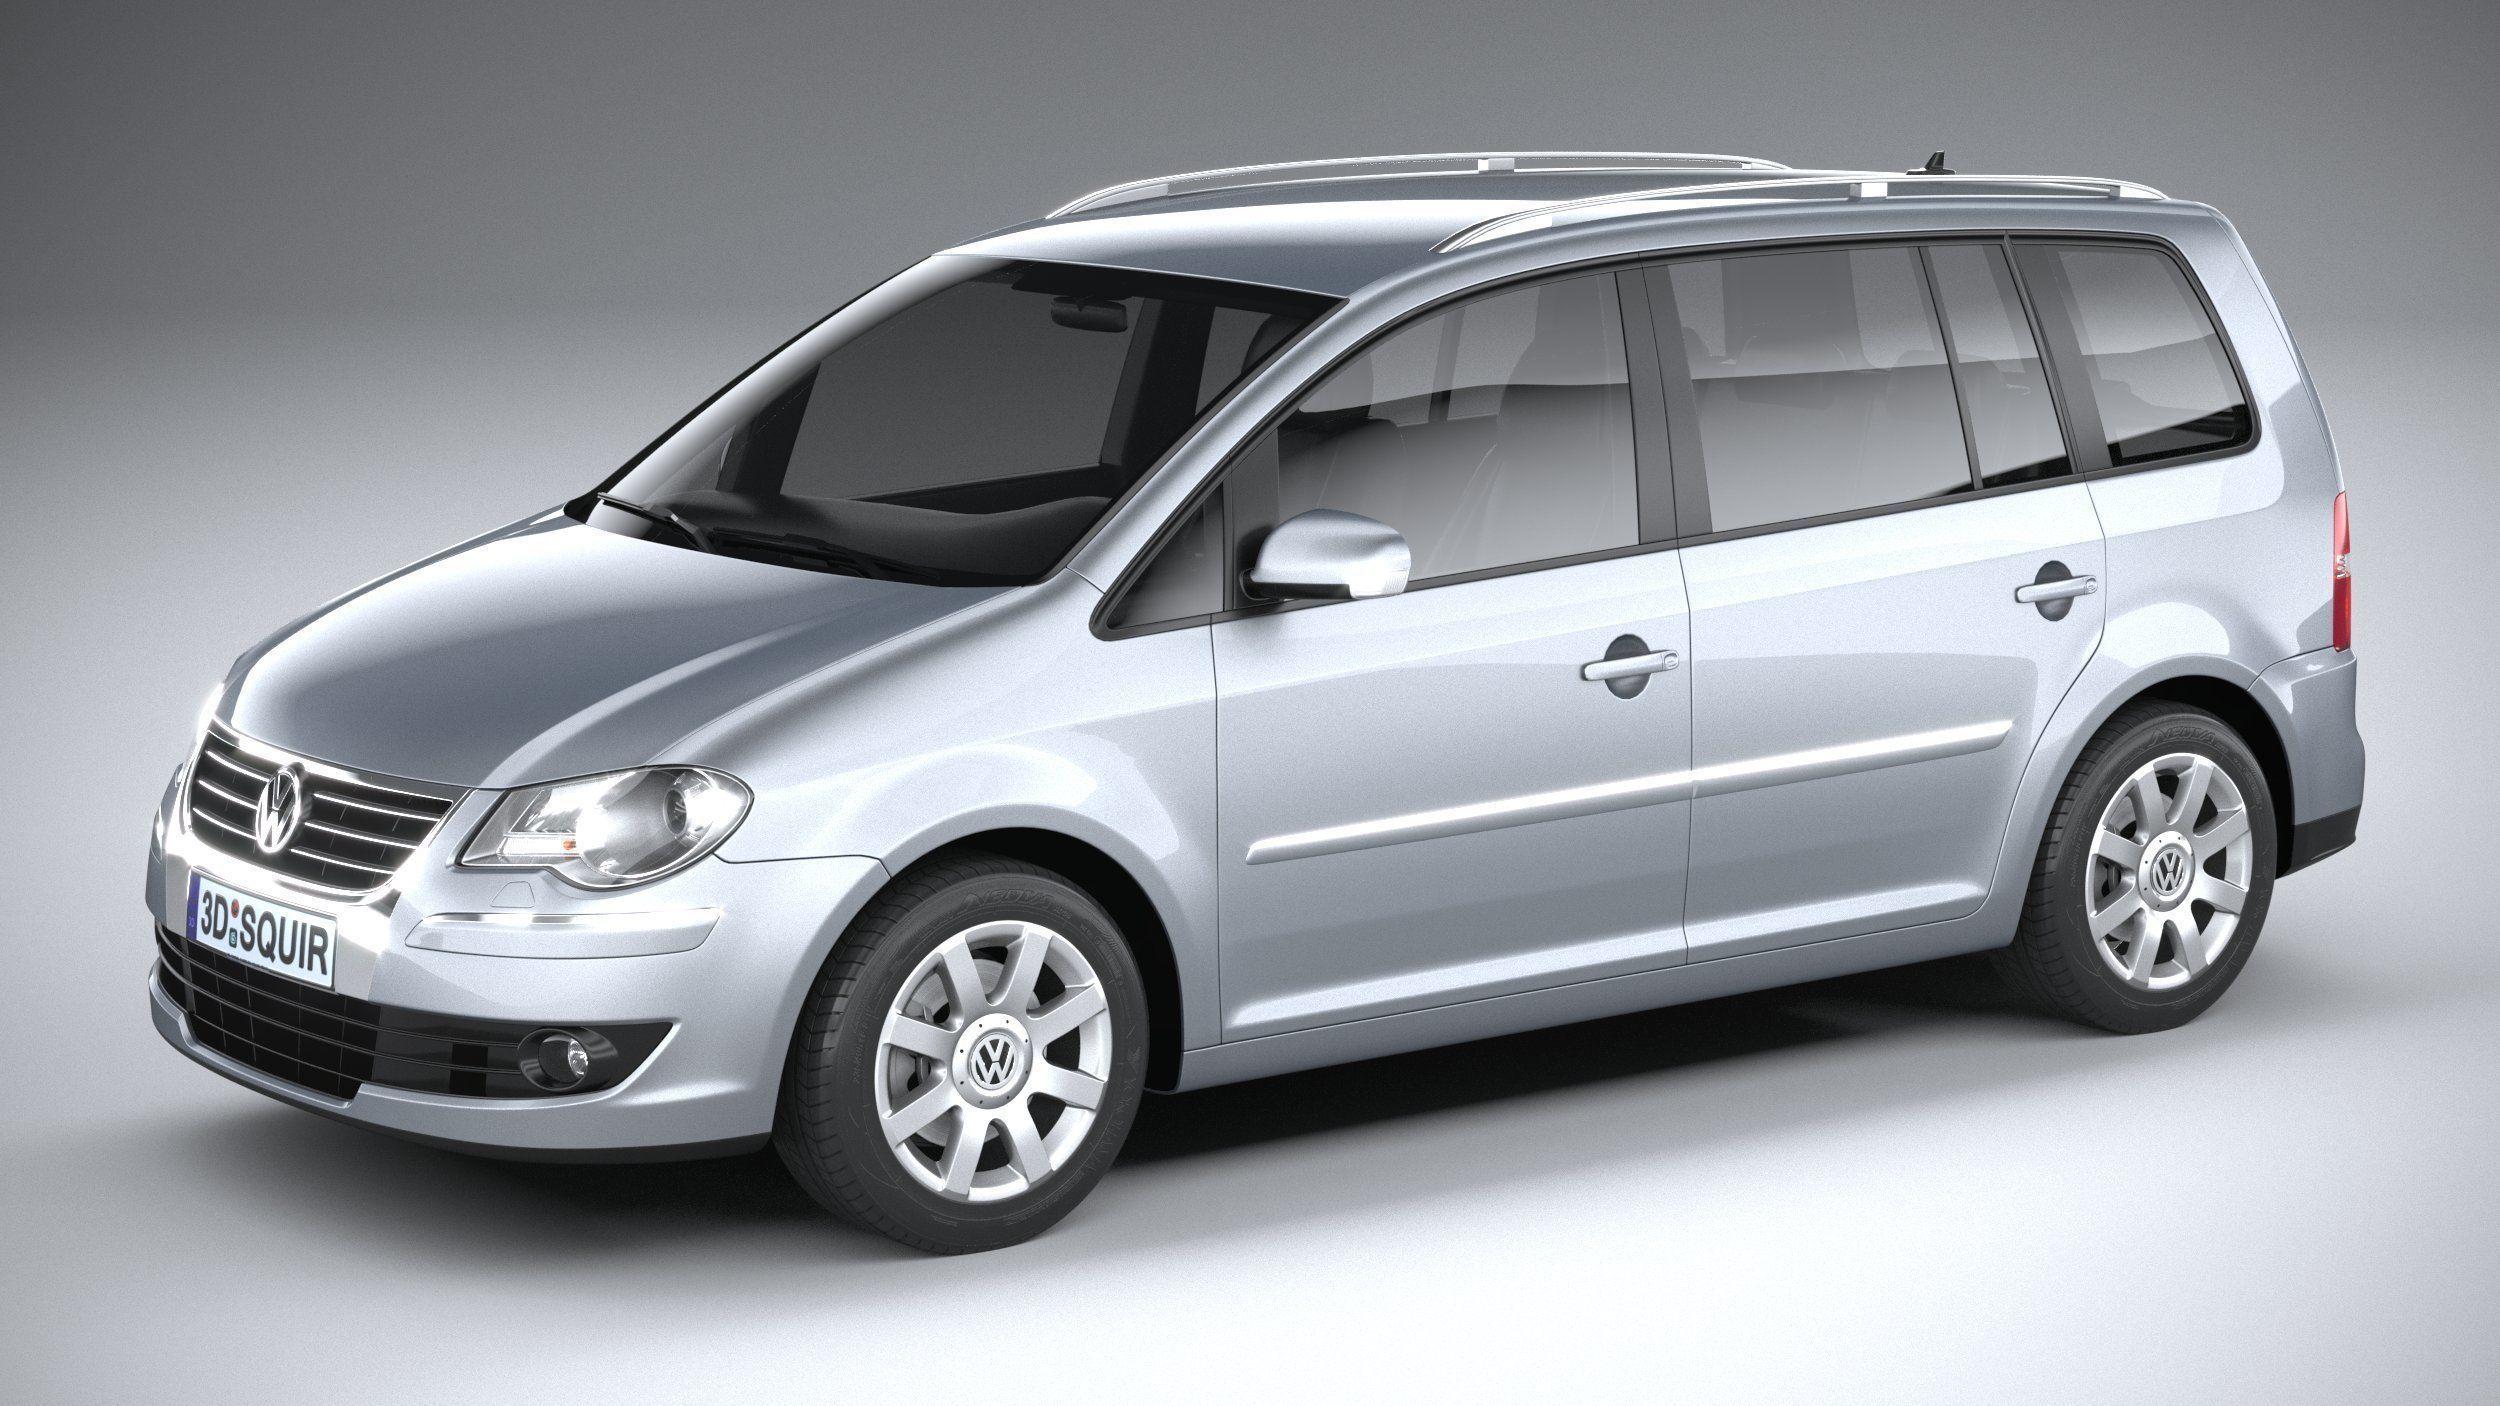 Volkswagen Touran 2007-2011